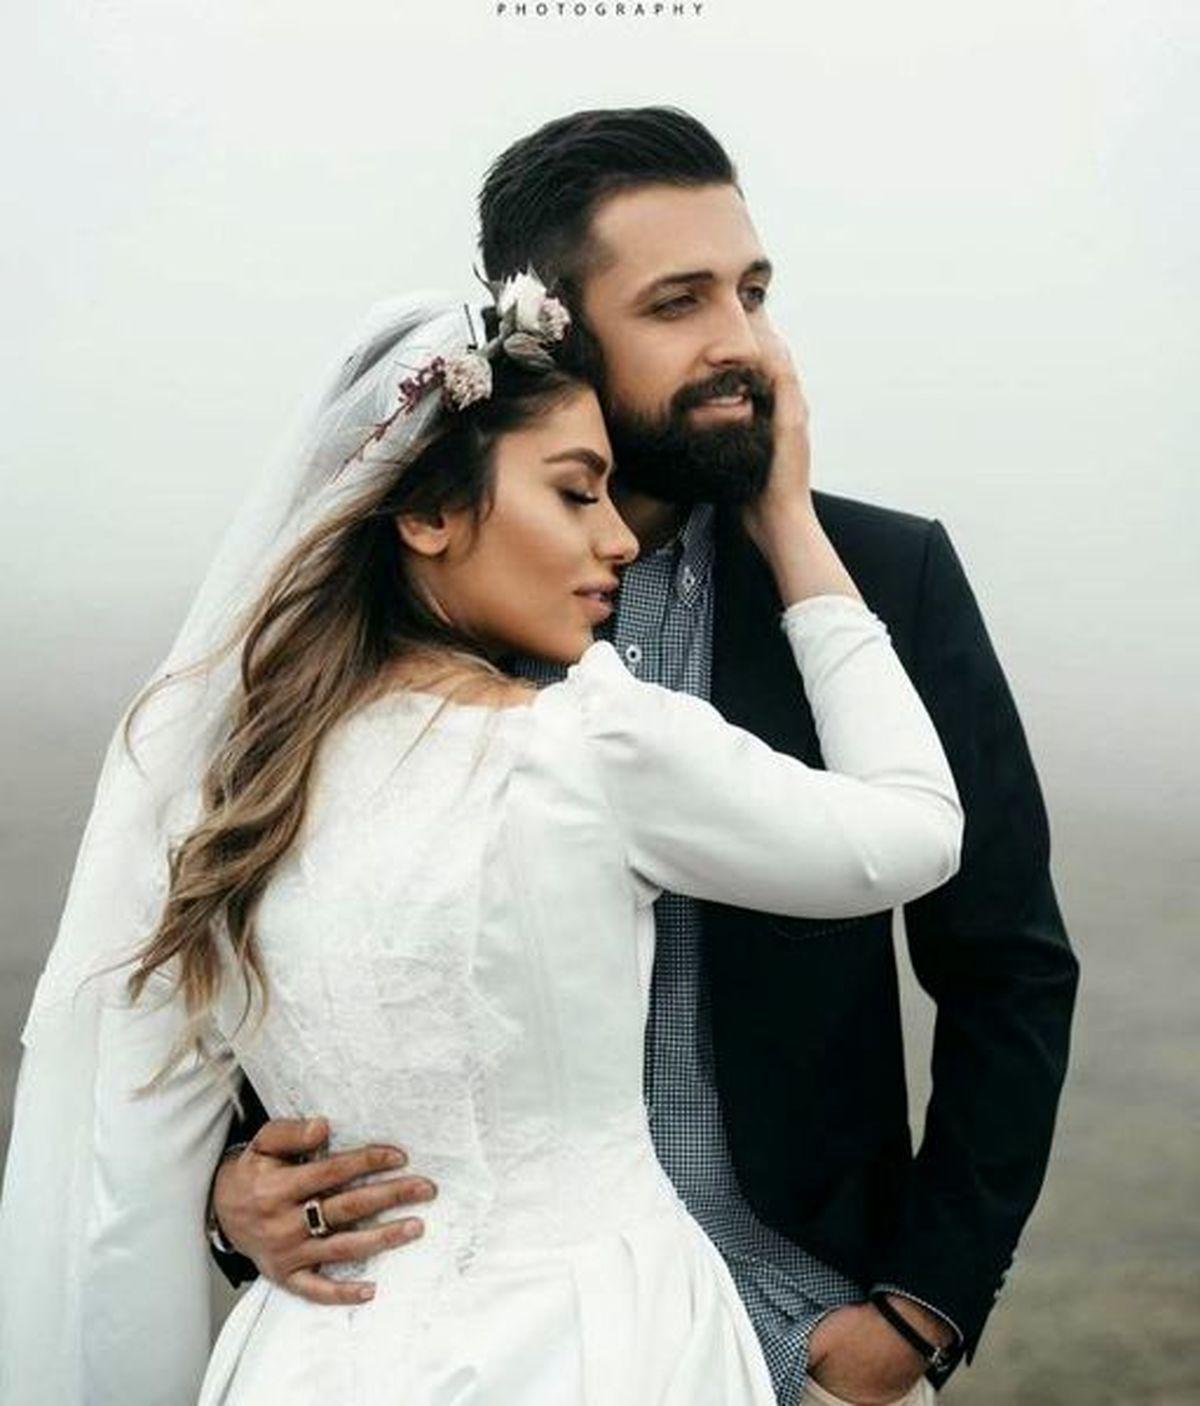 عکس عروسی محسن افشانی لورفت + تصاویر